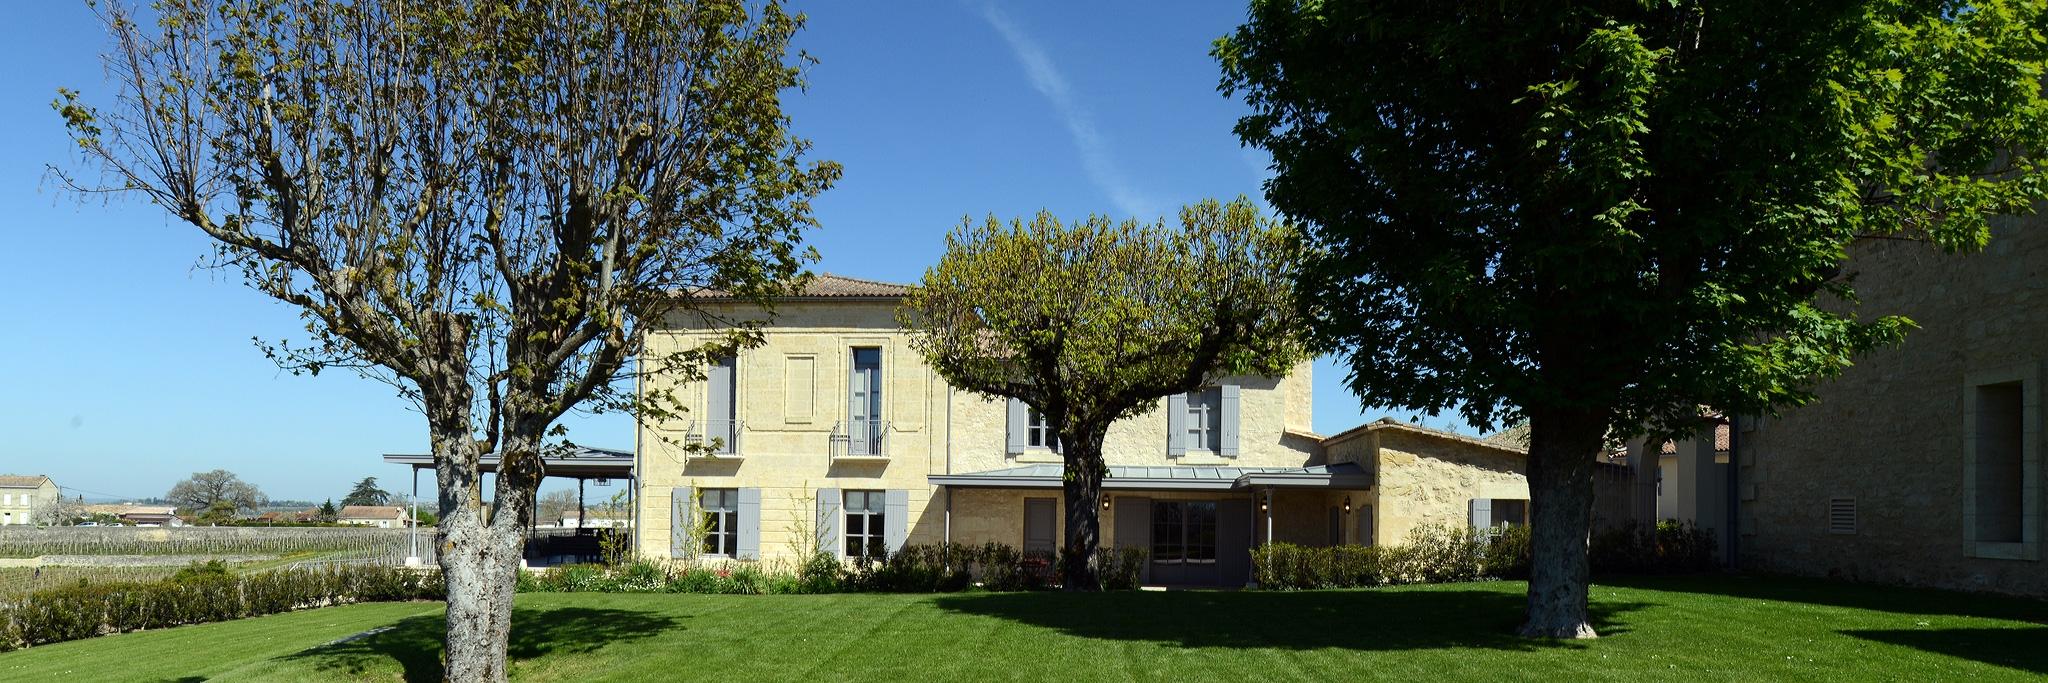 Chateau Tour Saint Christophe - AUX FINS GOURMETS